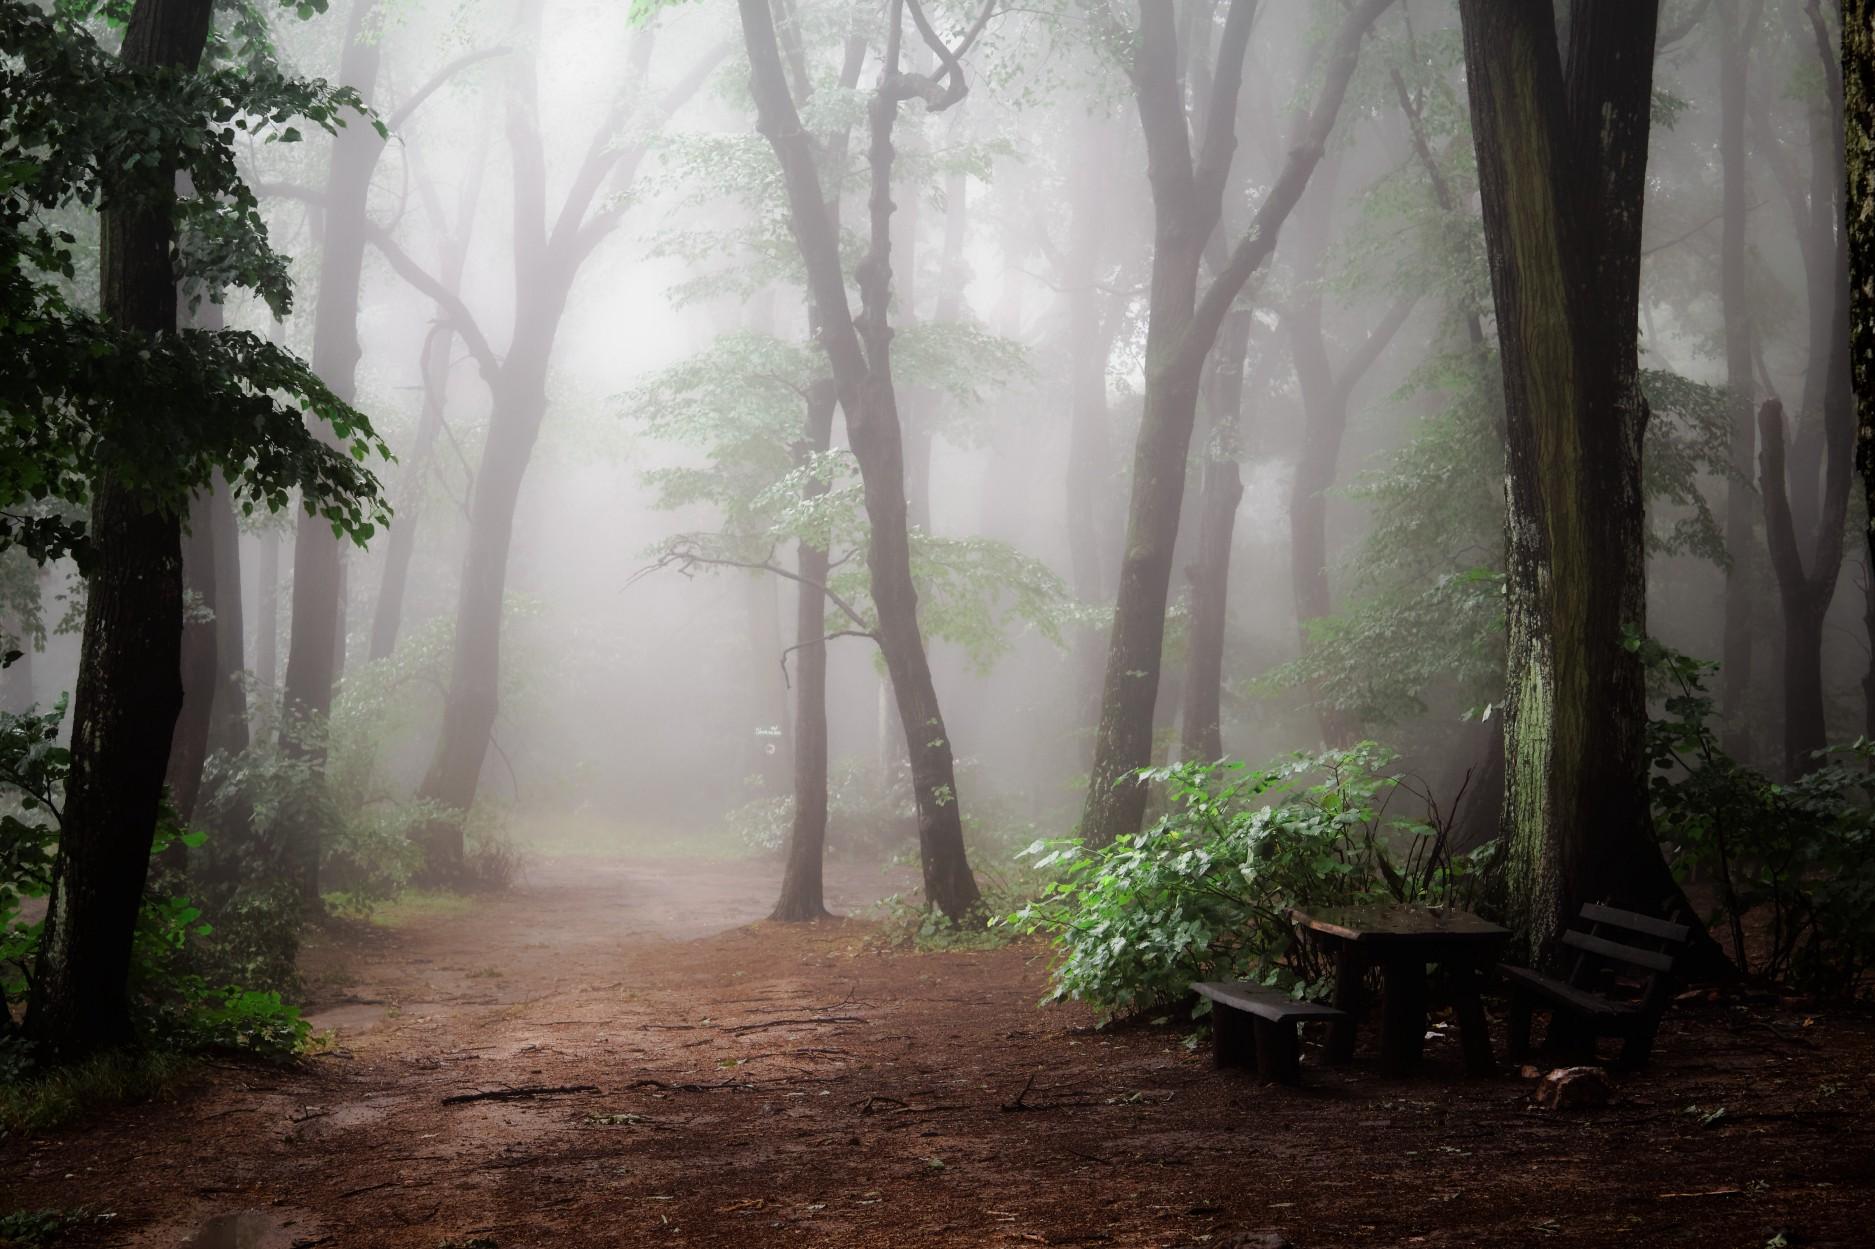 a foggy anxious forest scene